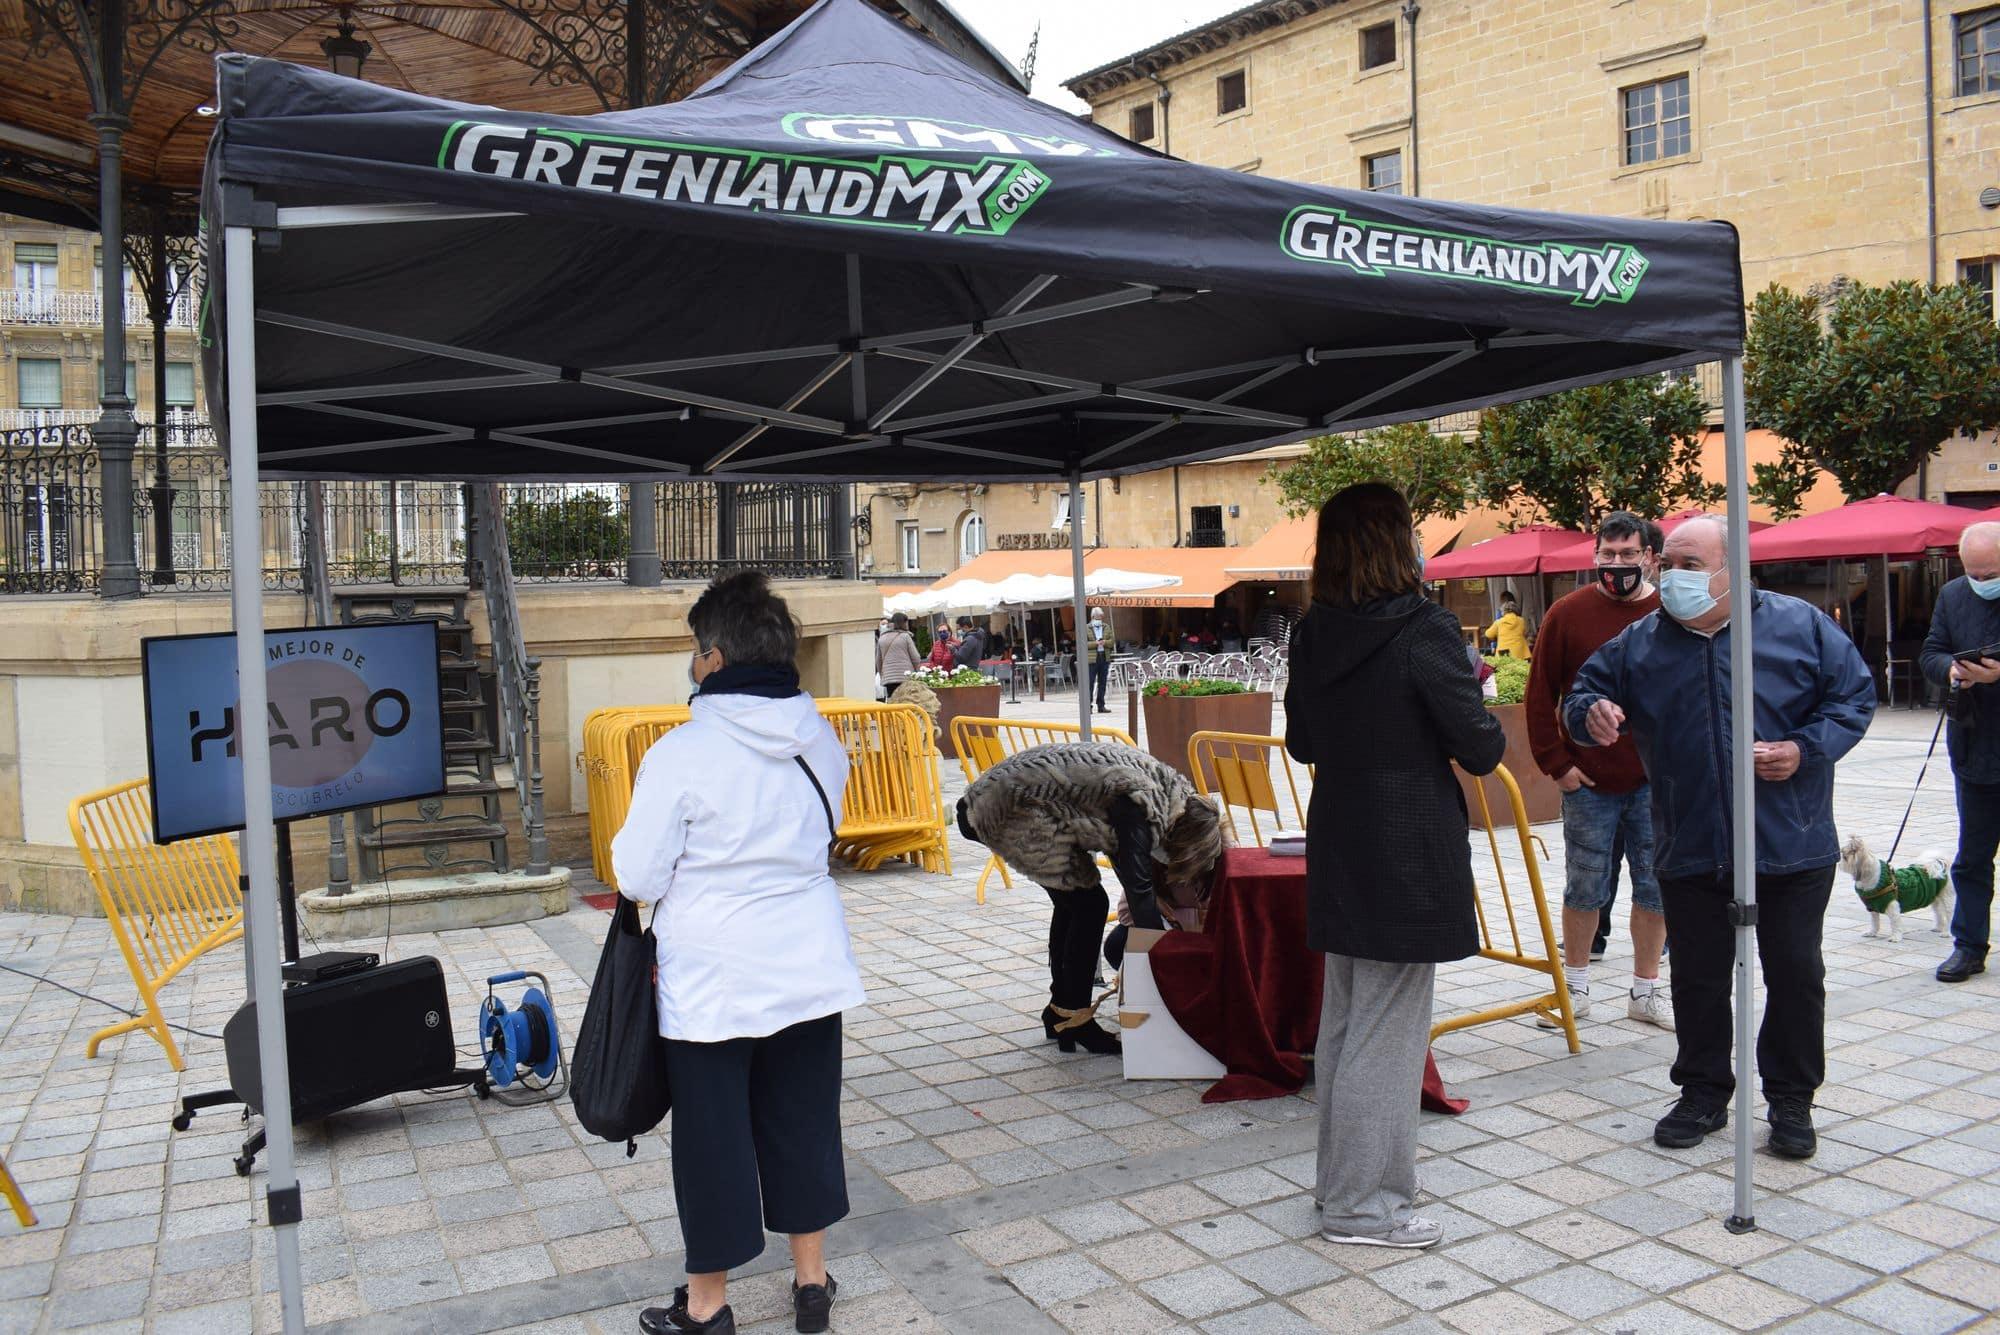 La plaza de la Paz estrena un photocall con el lema 'Haro, Capital del Rioja' 3